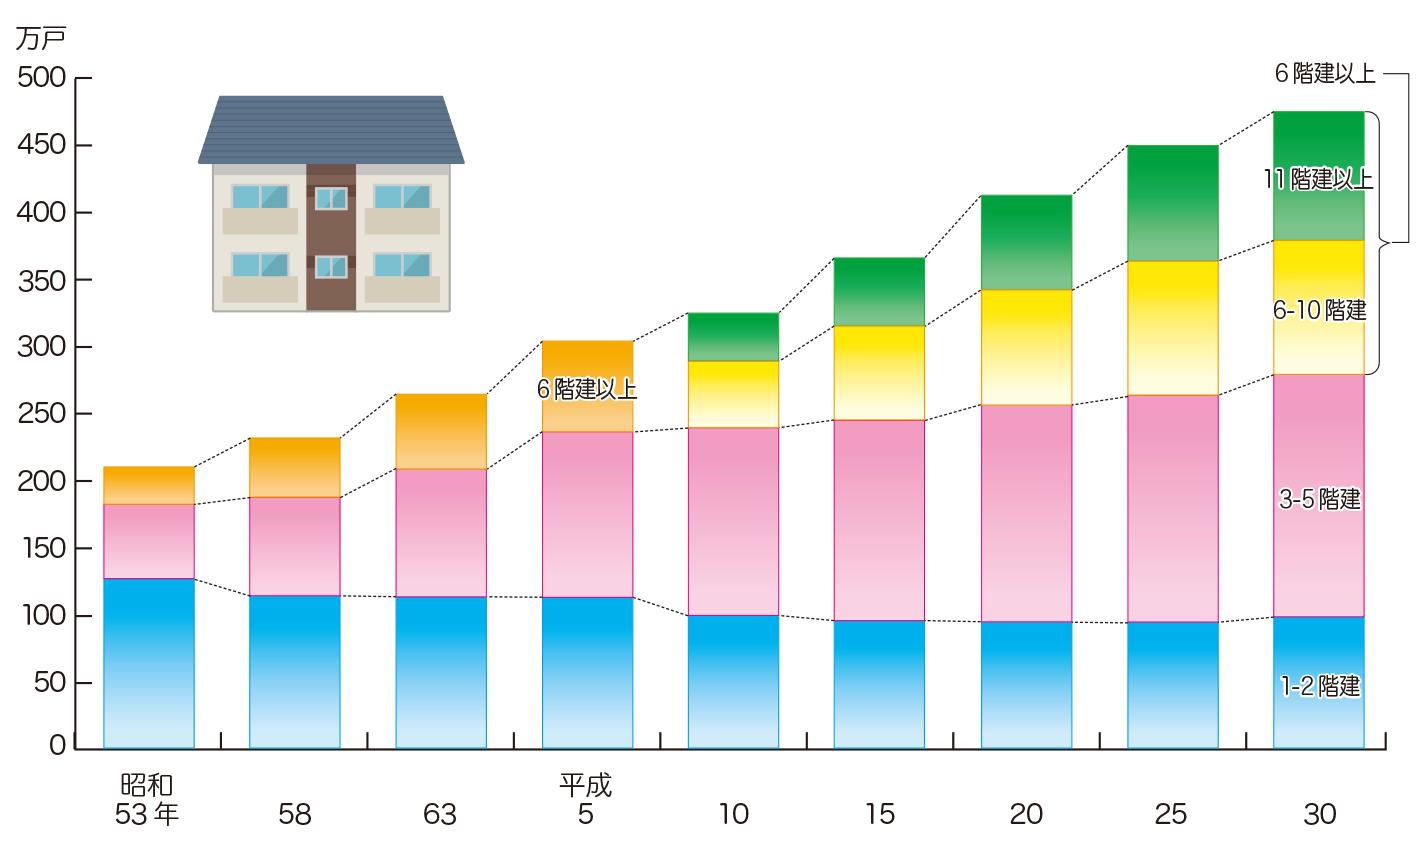 宅 建 統計 2020 2020六都買賣移轉25萬棟 創7年新高 - 地產天下